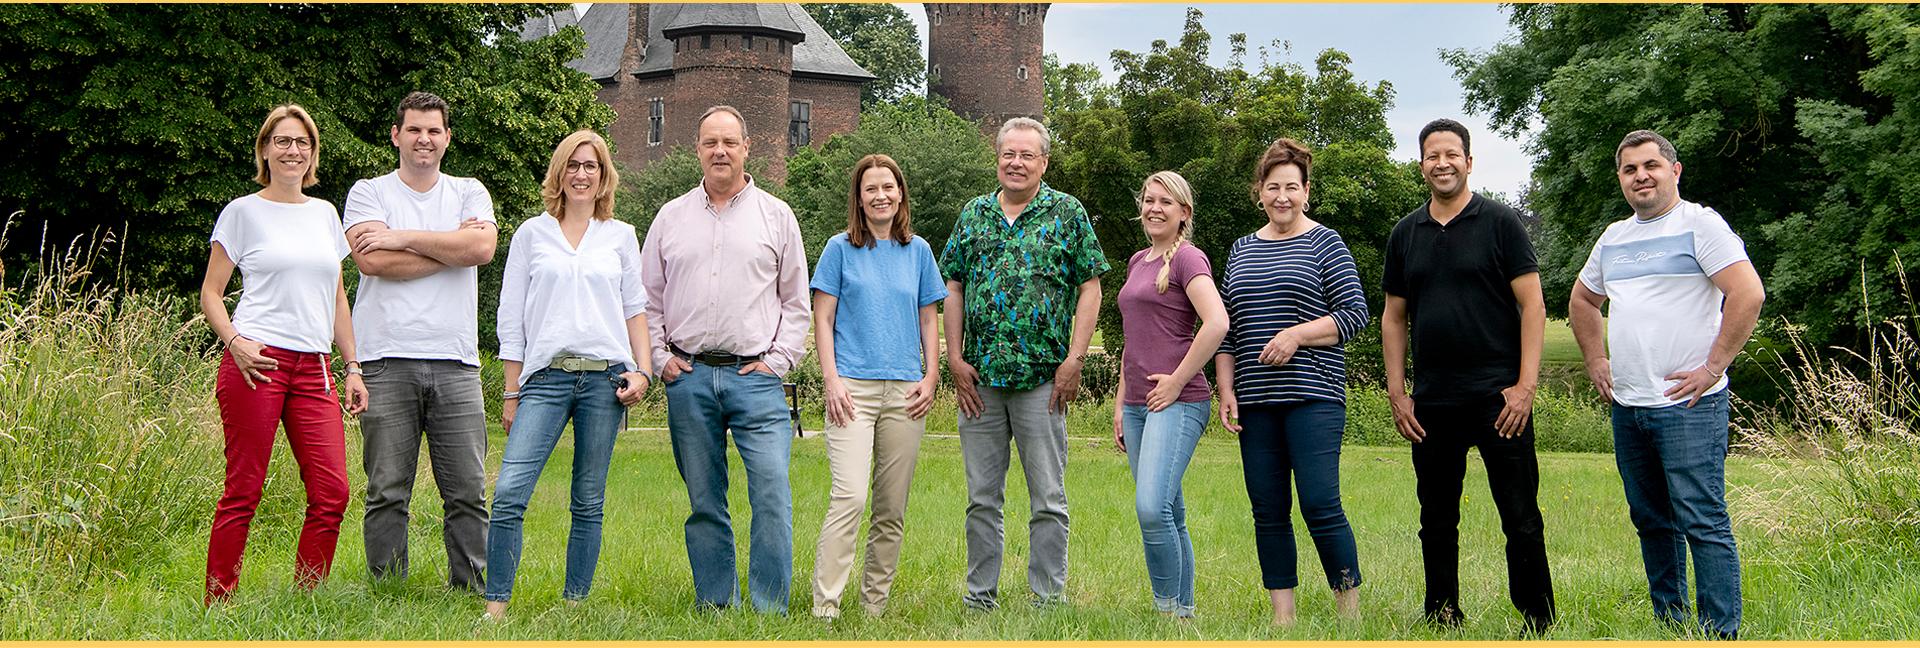 Zahntechnik Stennmanns in Krefeld - Unser Team